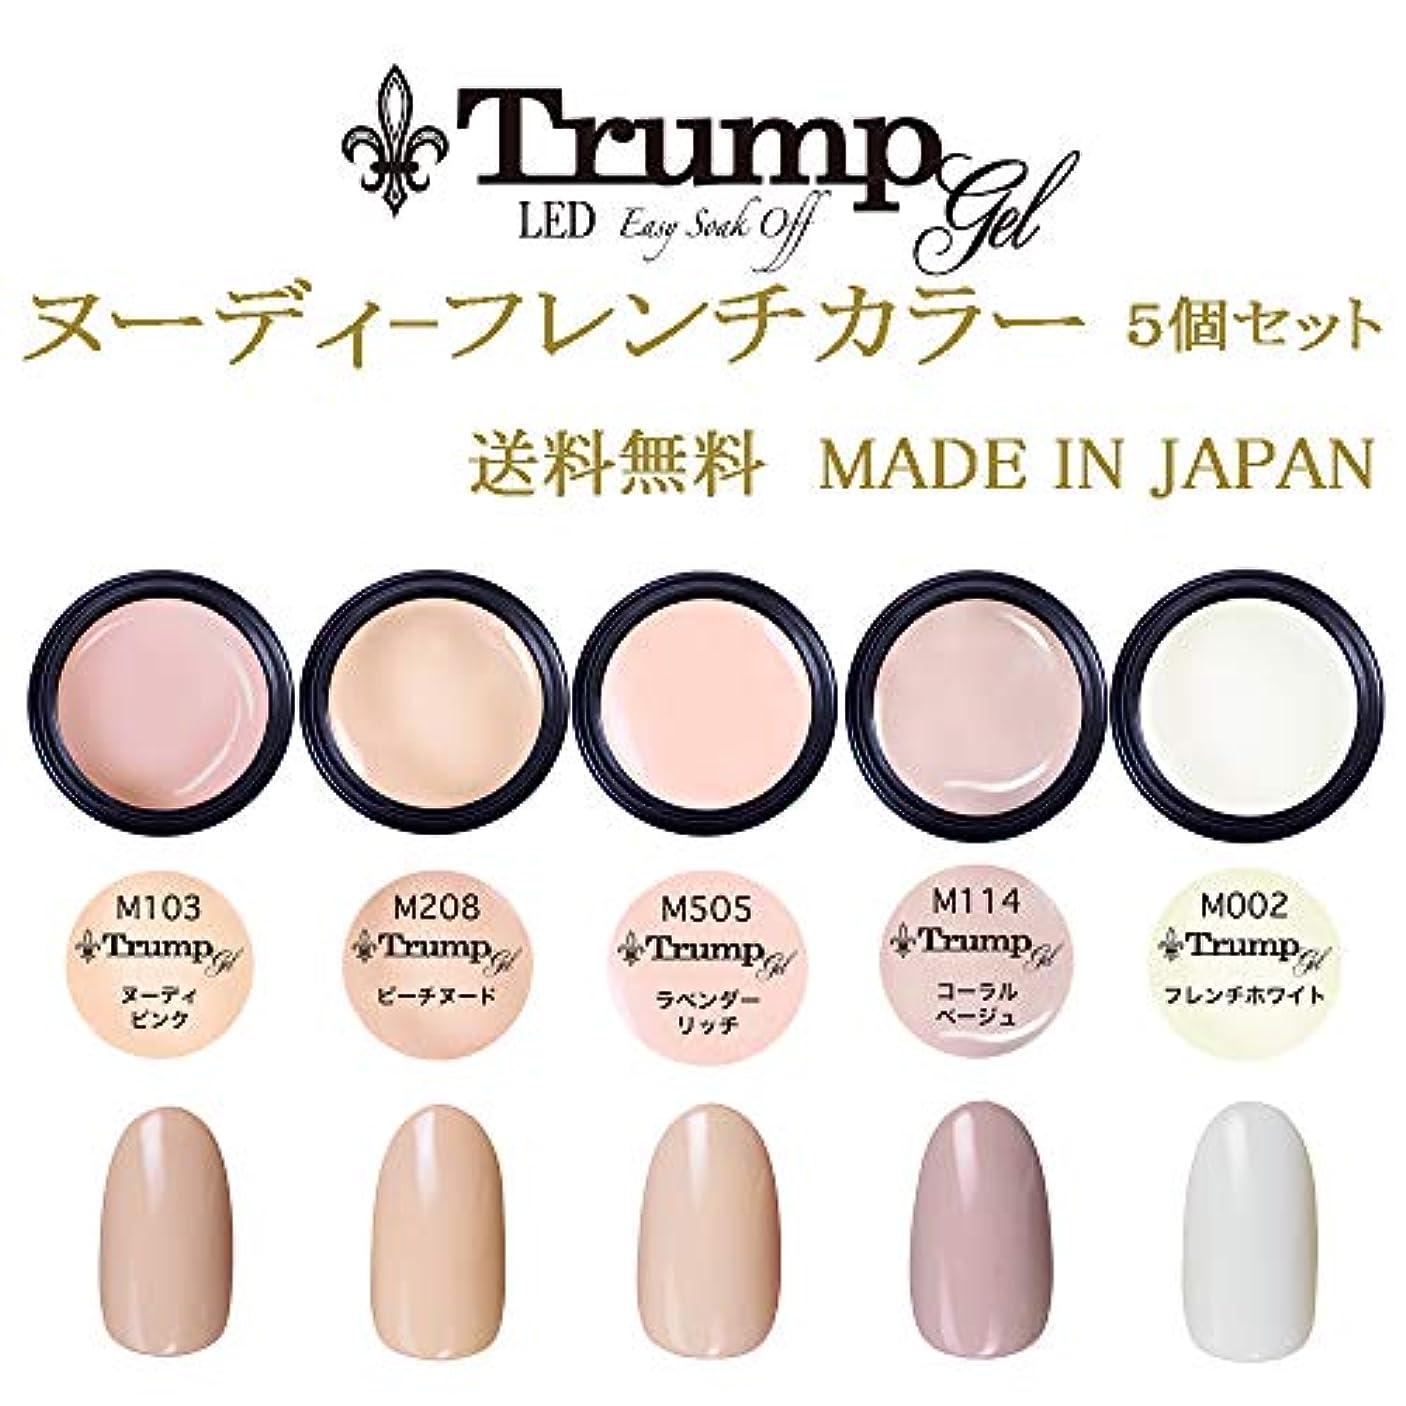 スキニー海港険しい【送料無料】日本製 Trump gel トランプジェルヌーディフレンチカラージェル 5個セット 肌馴染みの良い ヌーデイフレンチカラージェルセット